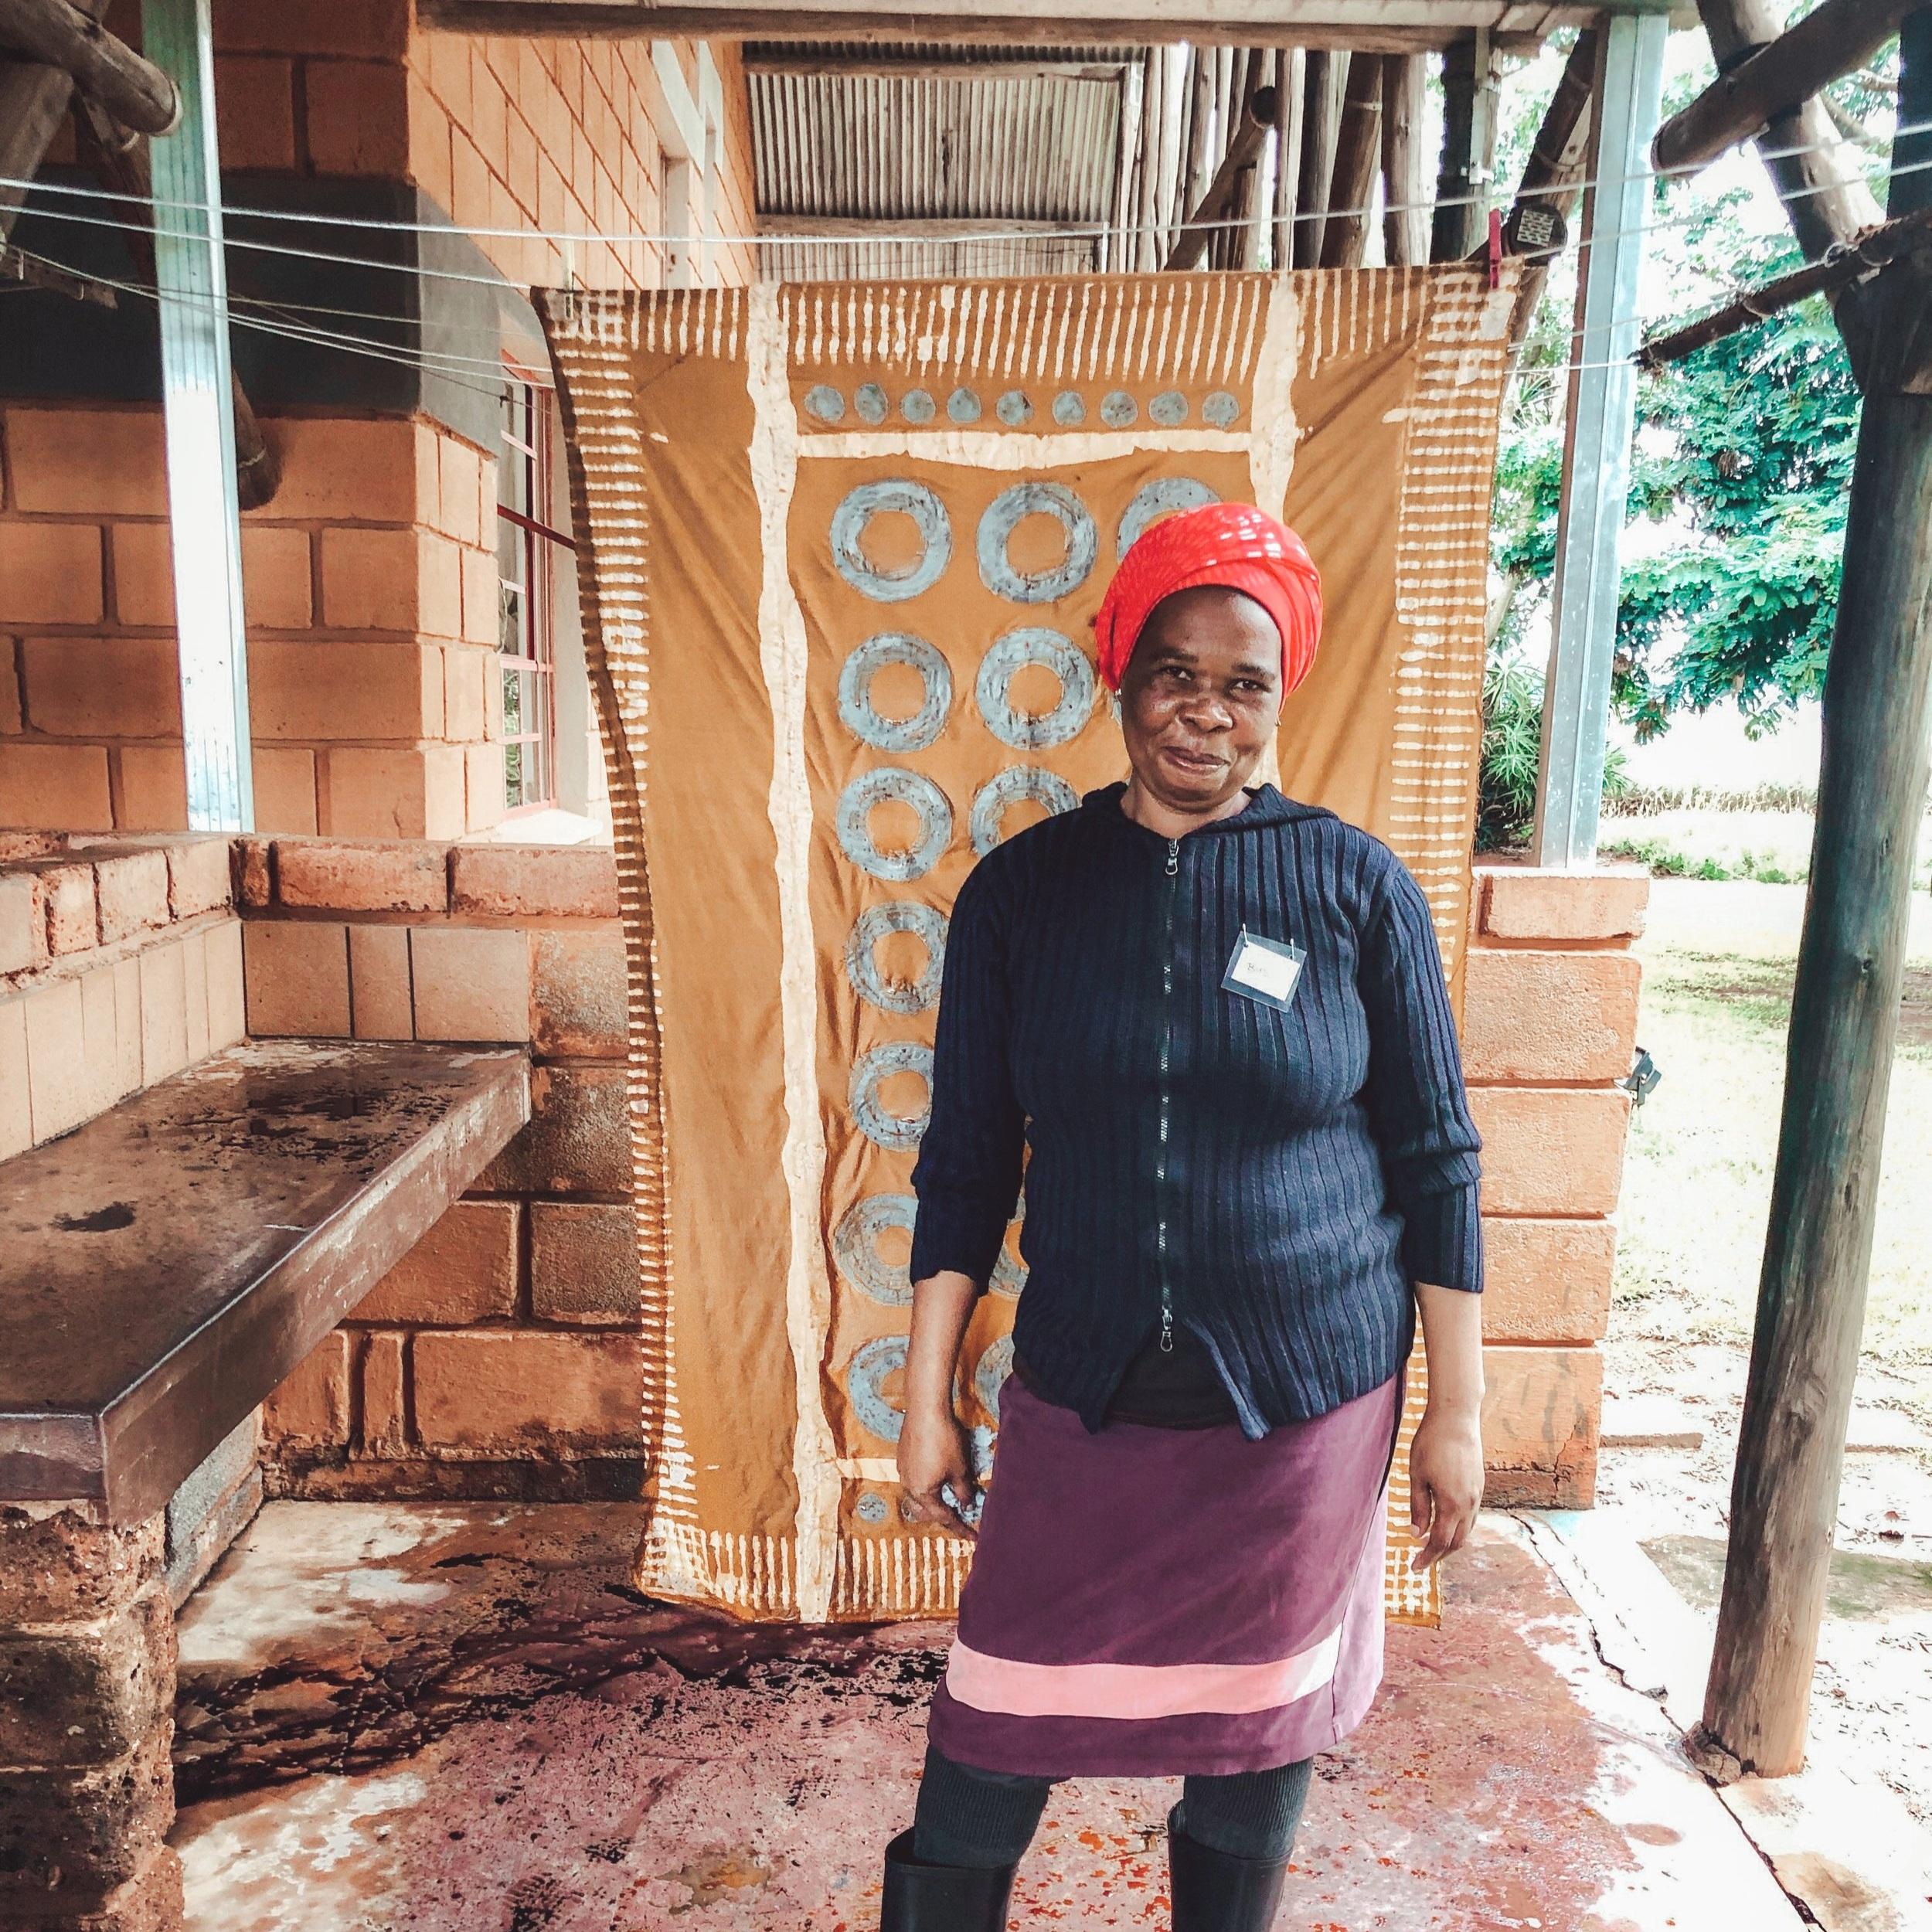 SOUTH AFRICA + SWAZILAND - BATIK + WEAVING WORKSHOPS + SAFARI IN KRUGER PARK APRIL 2019SOLD OUT